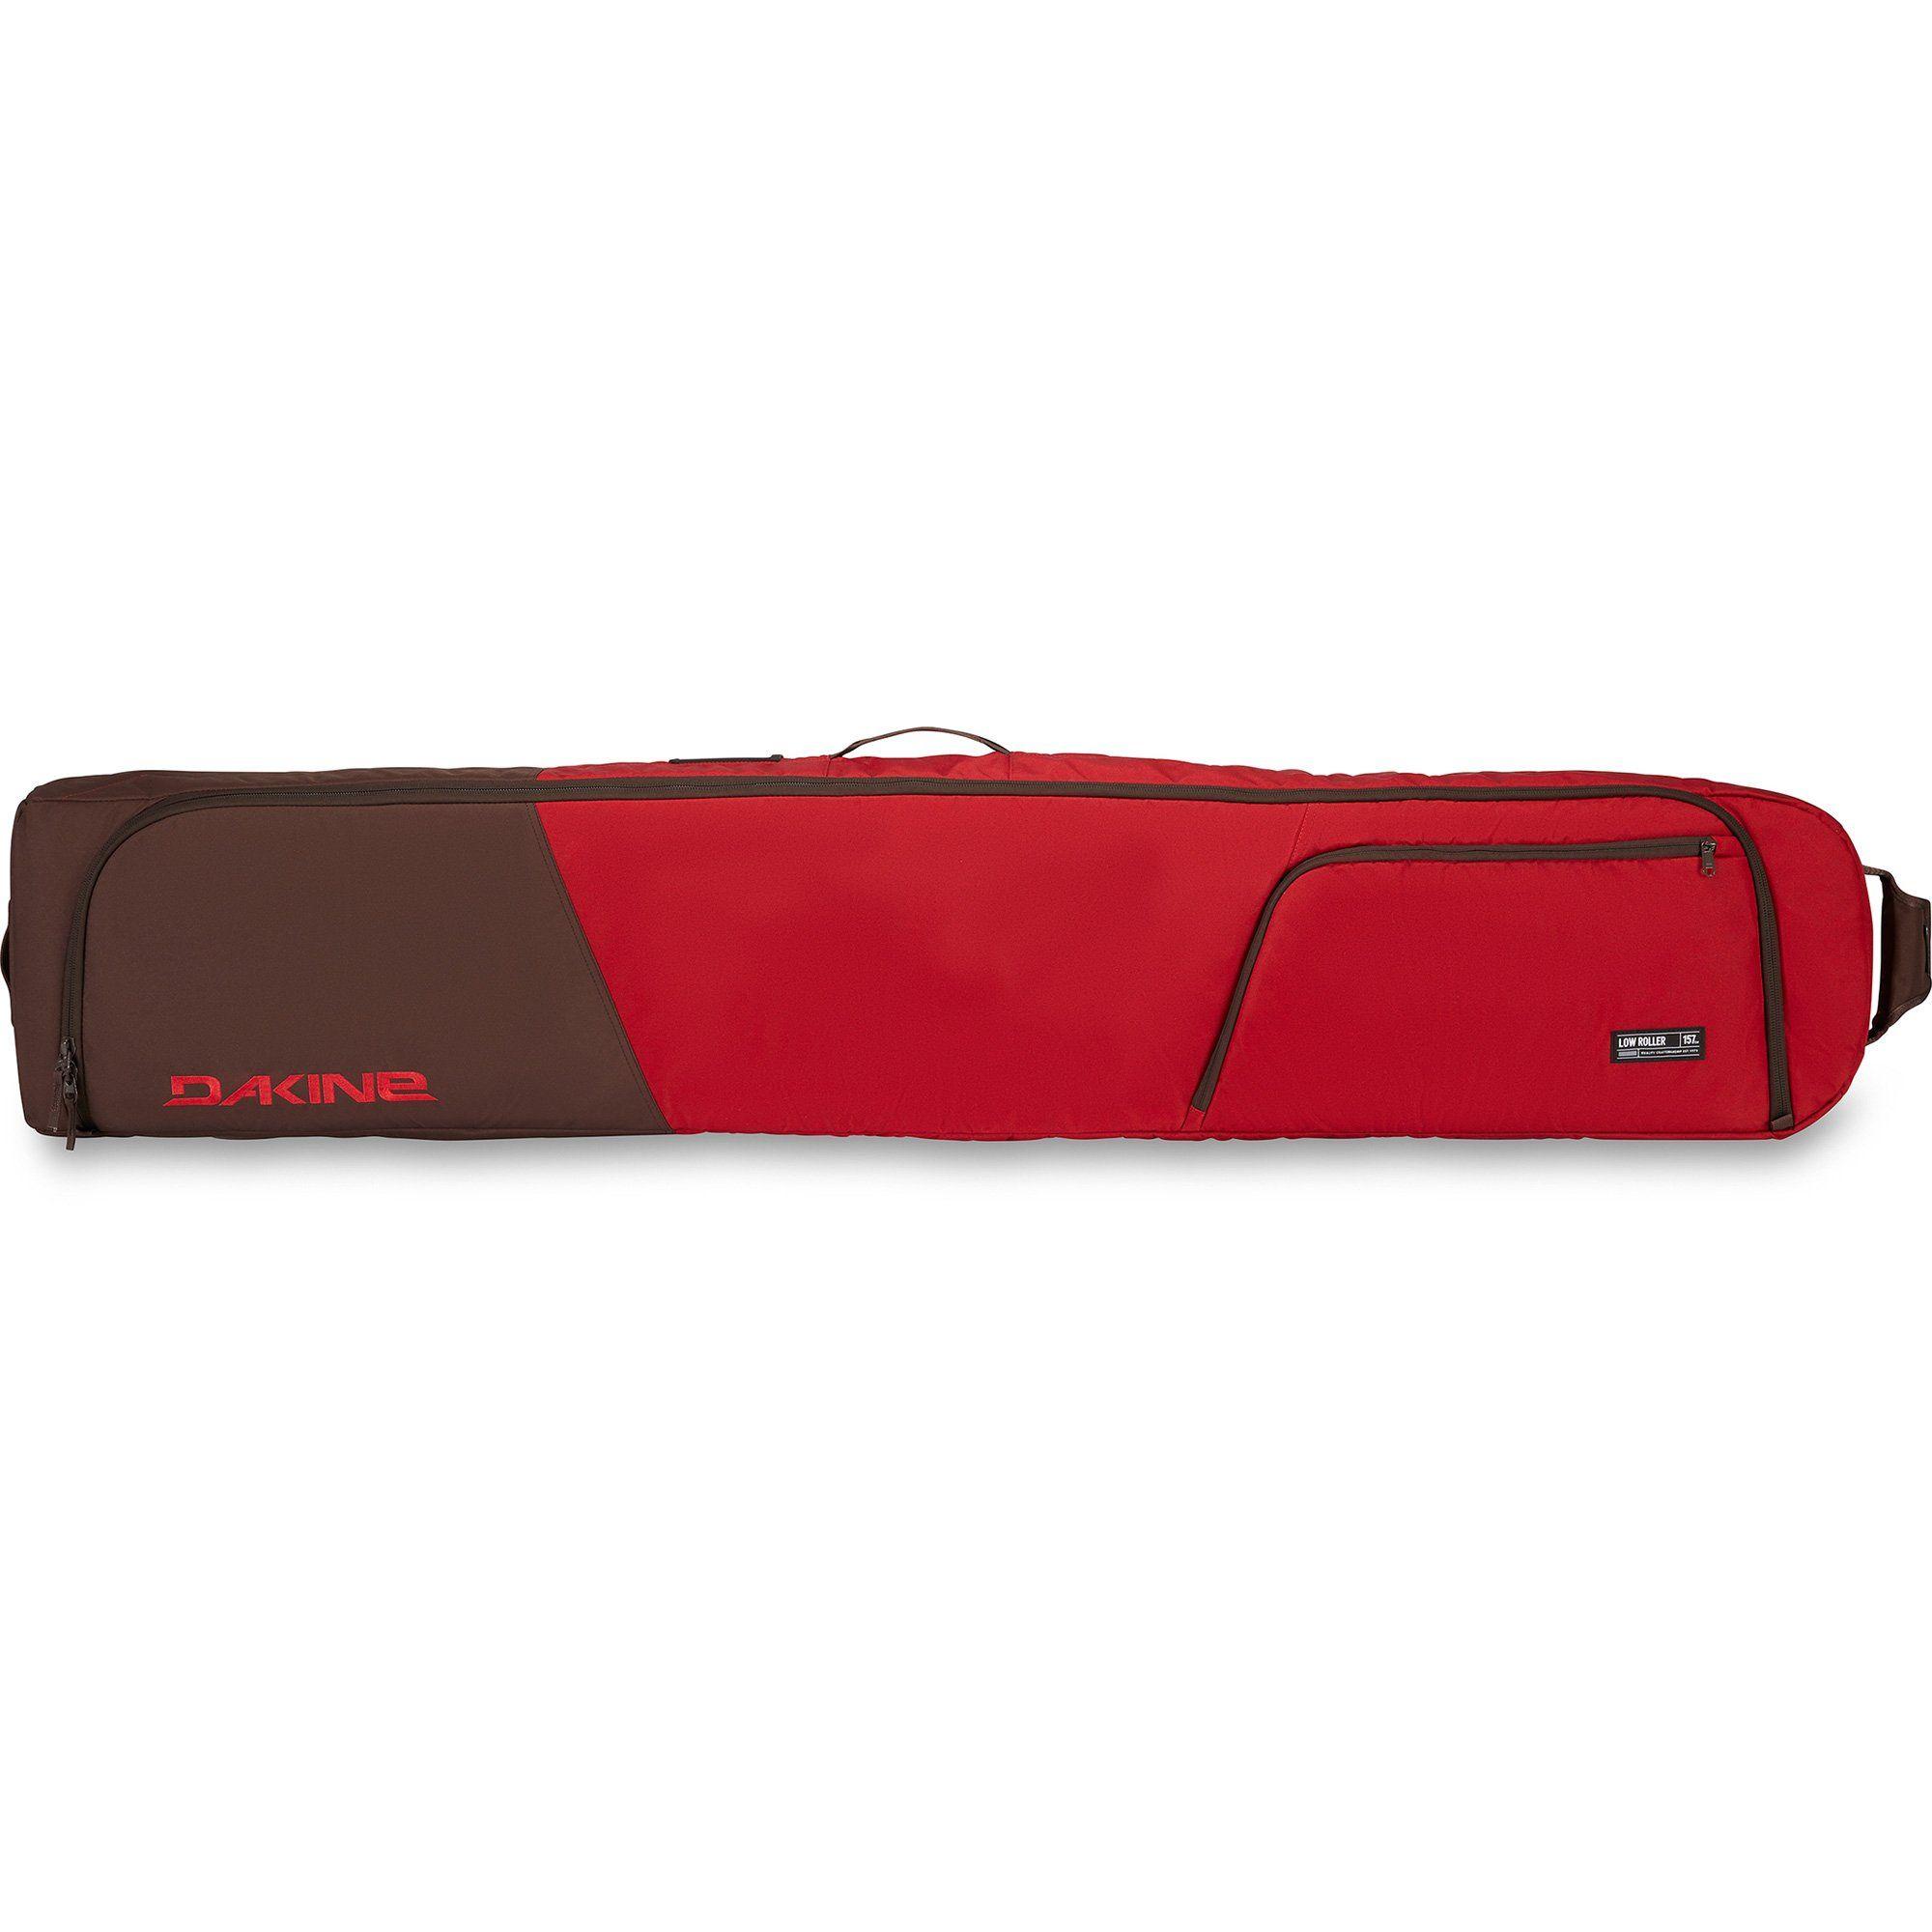 Dakine snowboardbag Low Roller